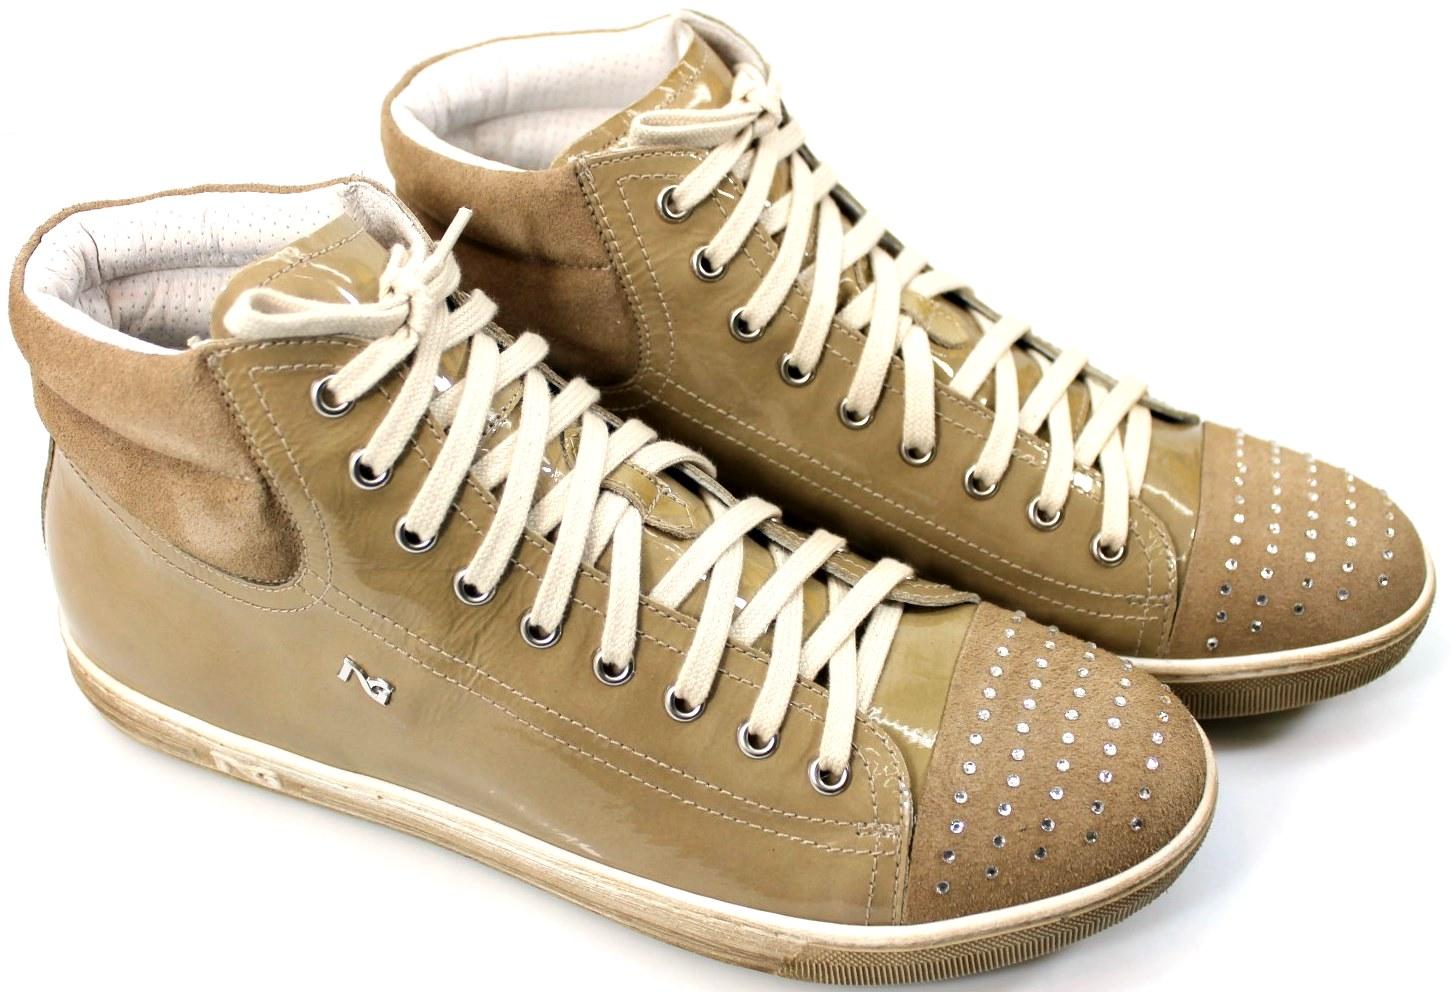 Woman Sneakers NERO GIARDINI Scarpe Donna Calzature Woman Shoes 3 3 di 5 ... ee685540ee0